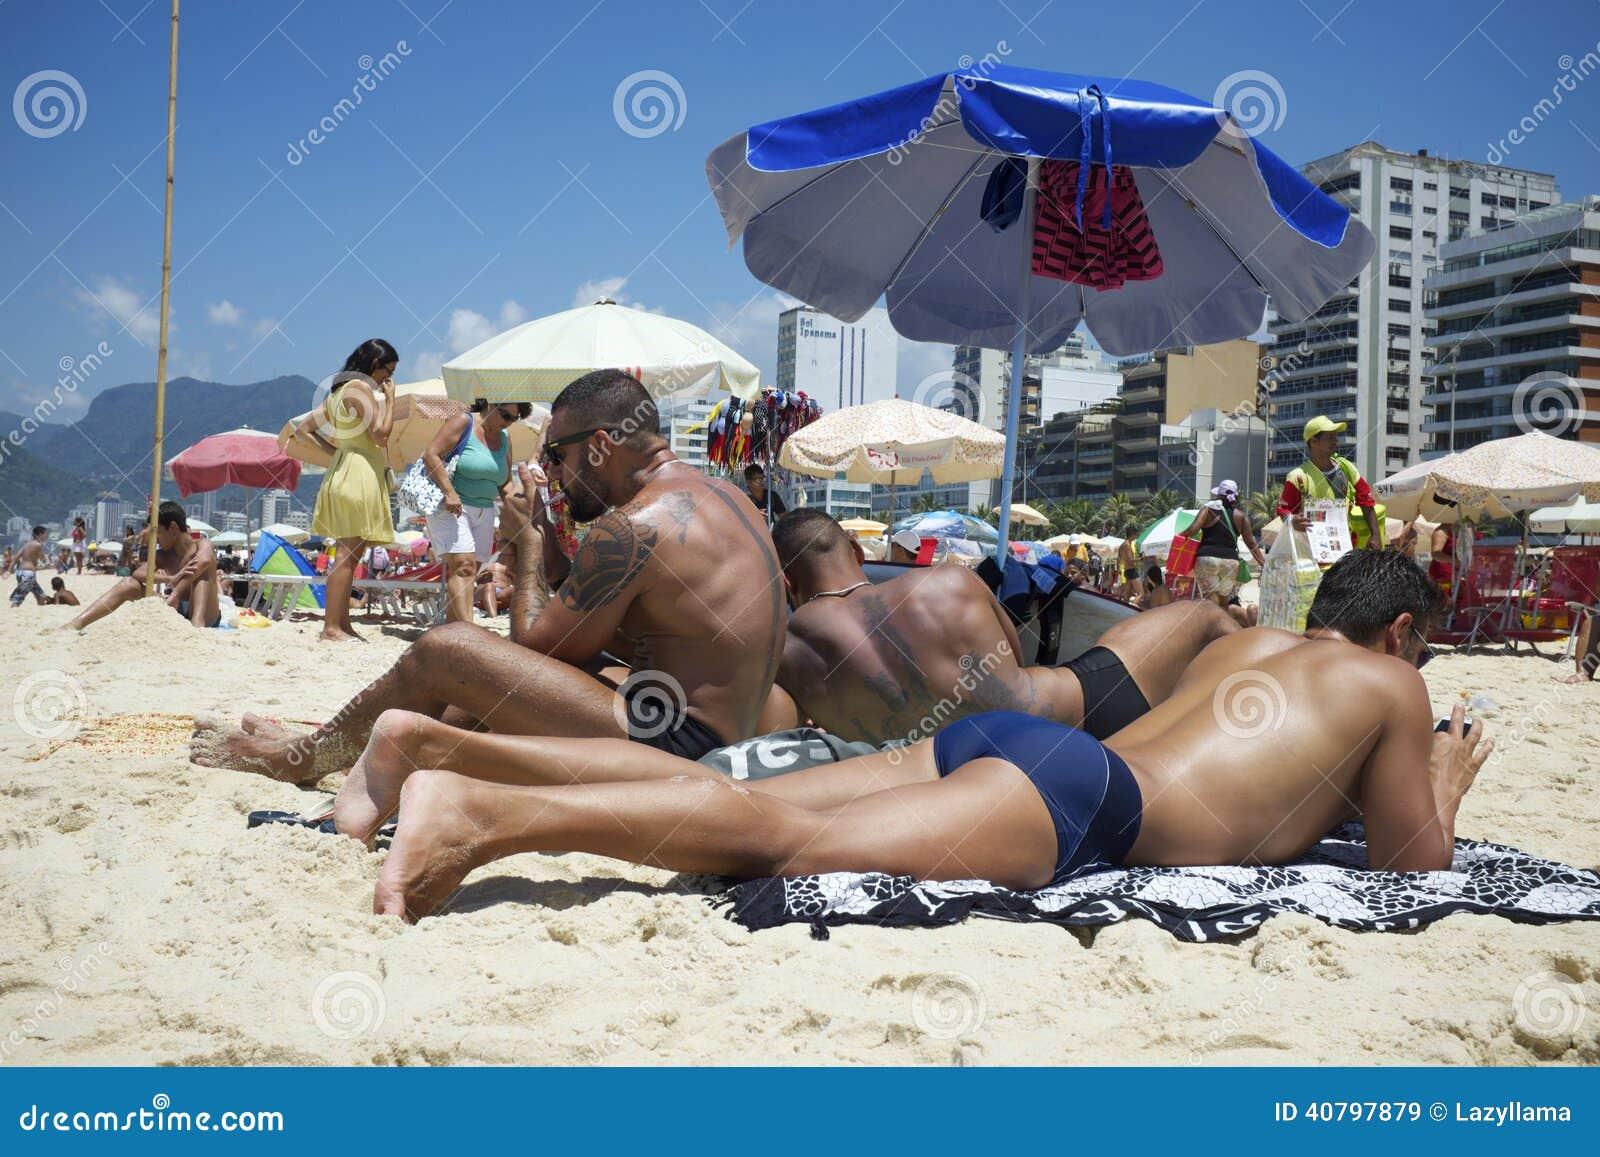 Секс на пляже на нудийском на русском, Нудисты Порно, смотреть видео Секс на Нудистком 25 фотография